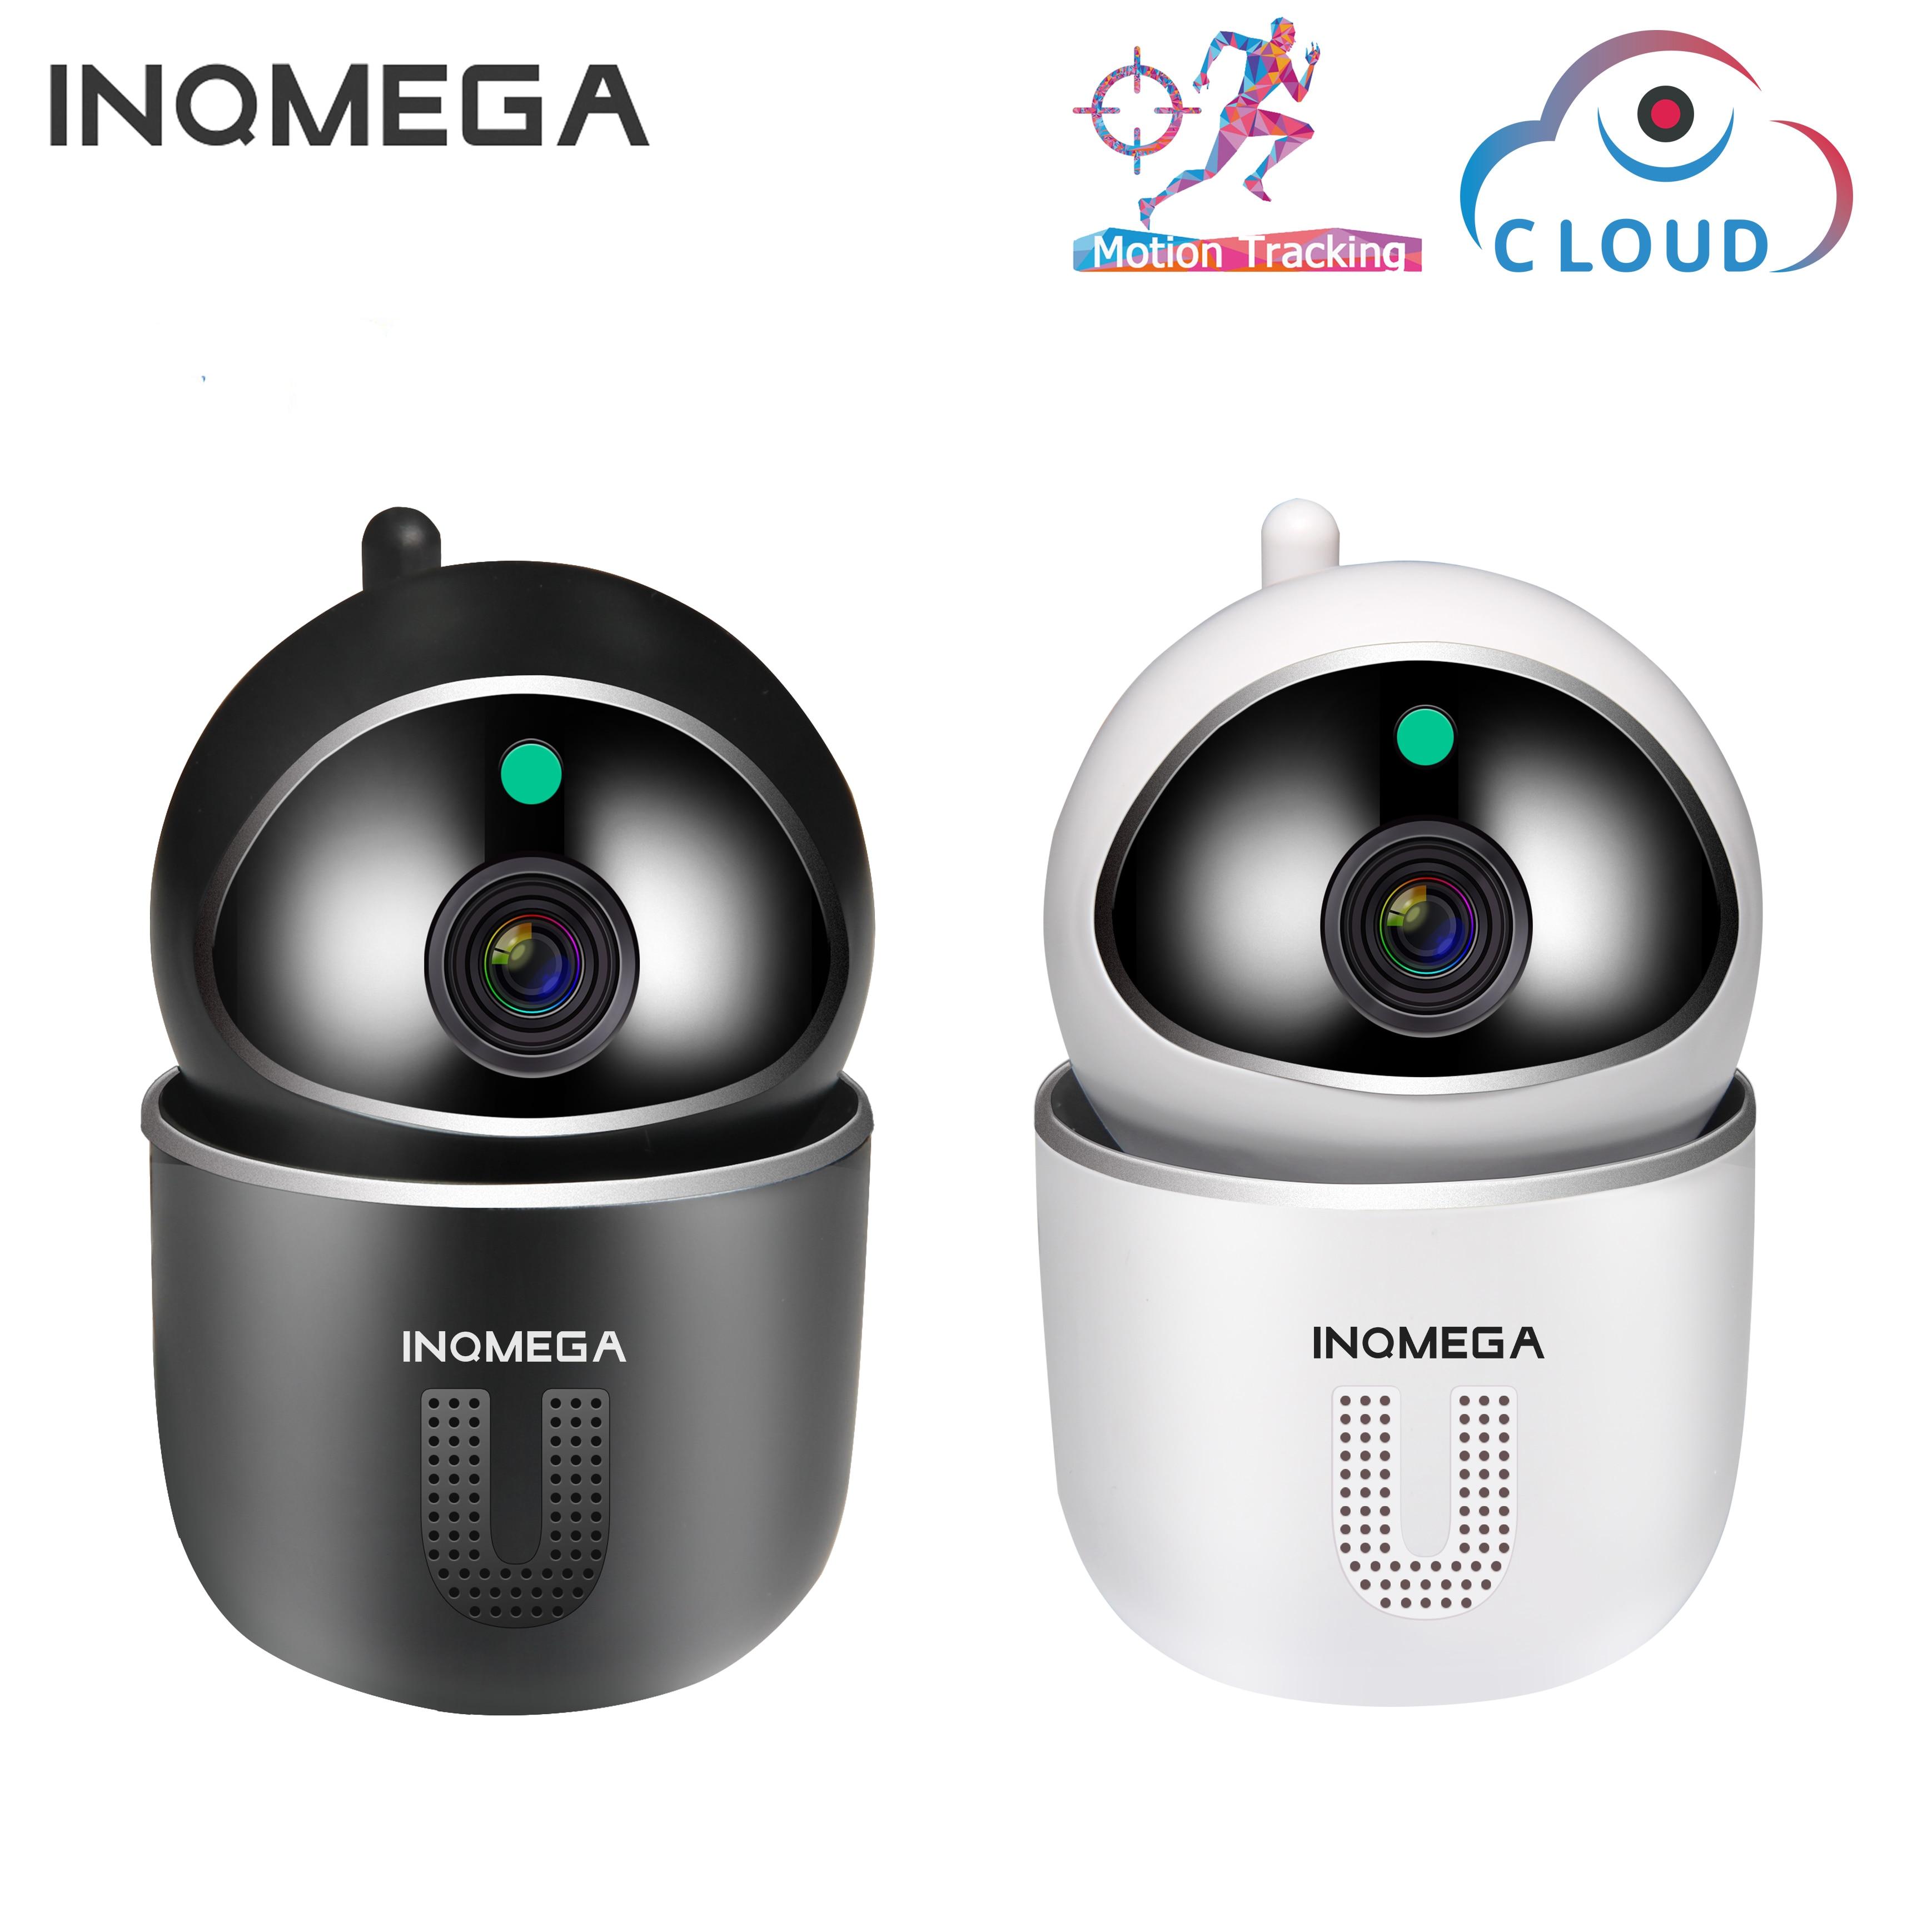 INQMEGA-caméra 1080P Cloud IP | Surveillance Auto, sécurité domestique, réseau WiFi sans fil, caméra de vidéosurveillance, moniteur bébé